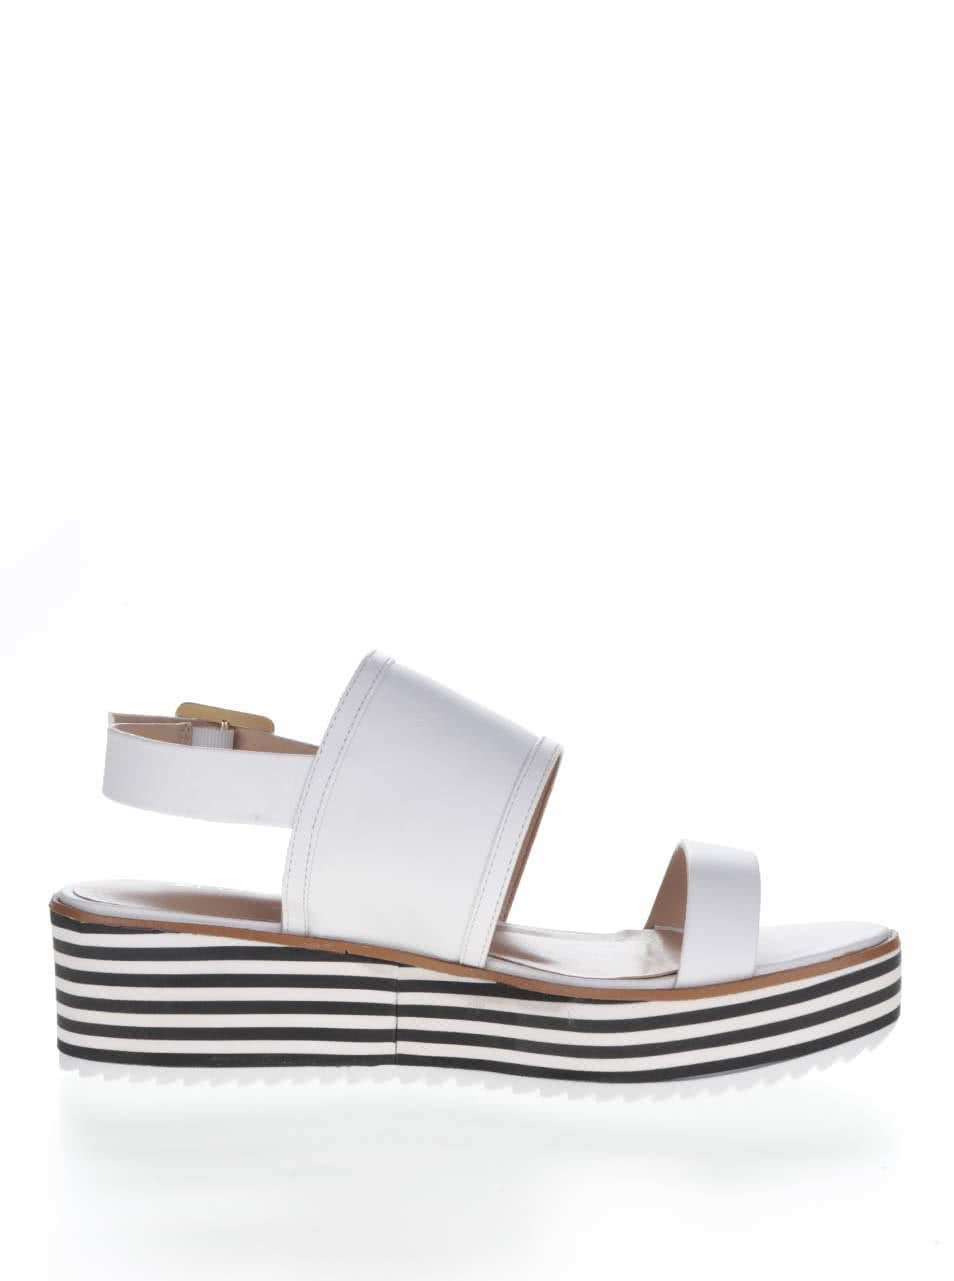 232d5f61d7 Biele dámske sandále na platforme ALDO Jin ...